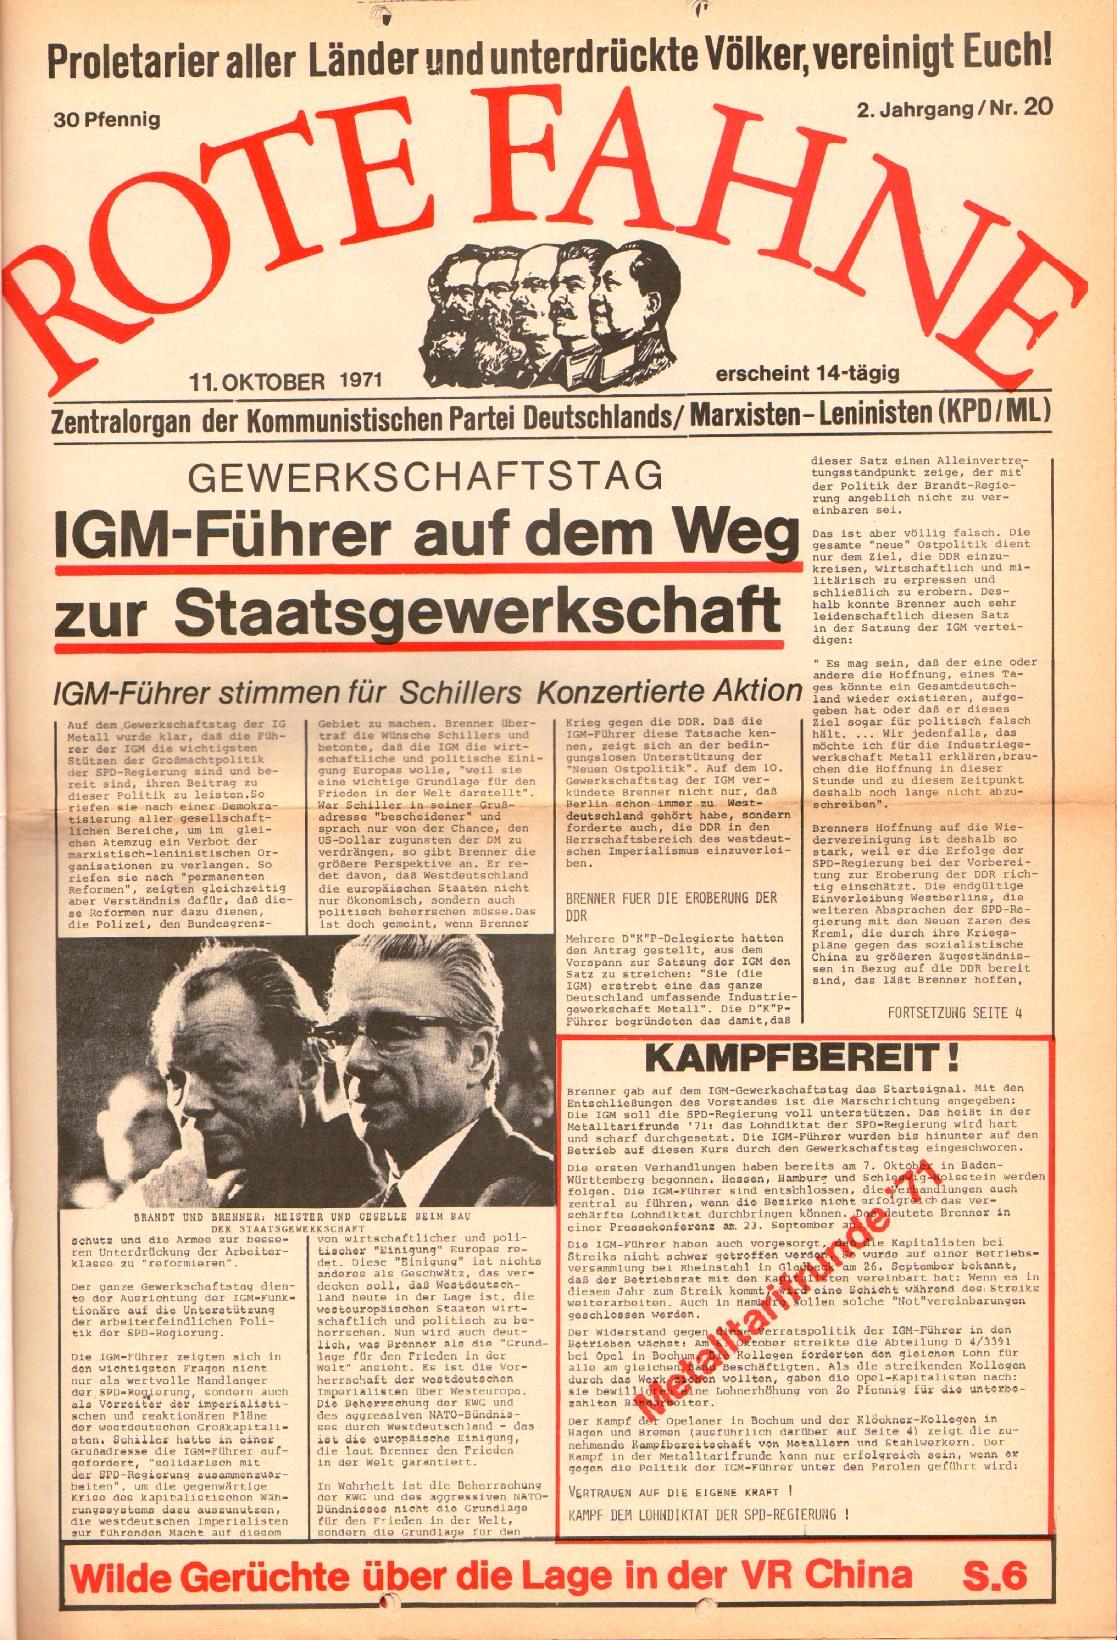 Rote Fahne, 2. Jg., 11.10.1971, Nr. 20, Seite 1